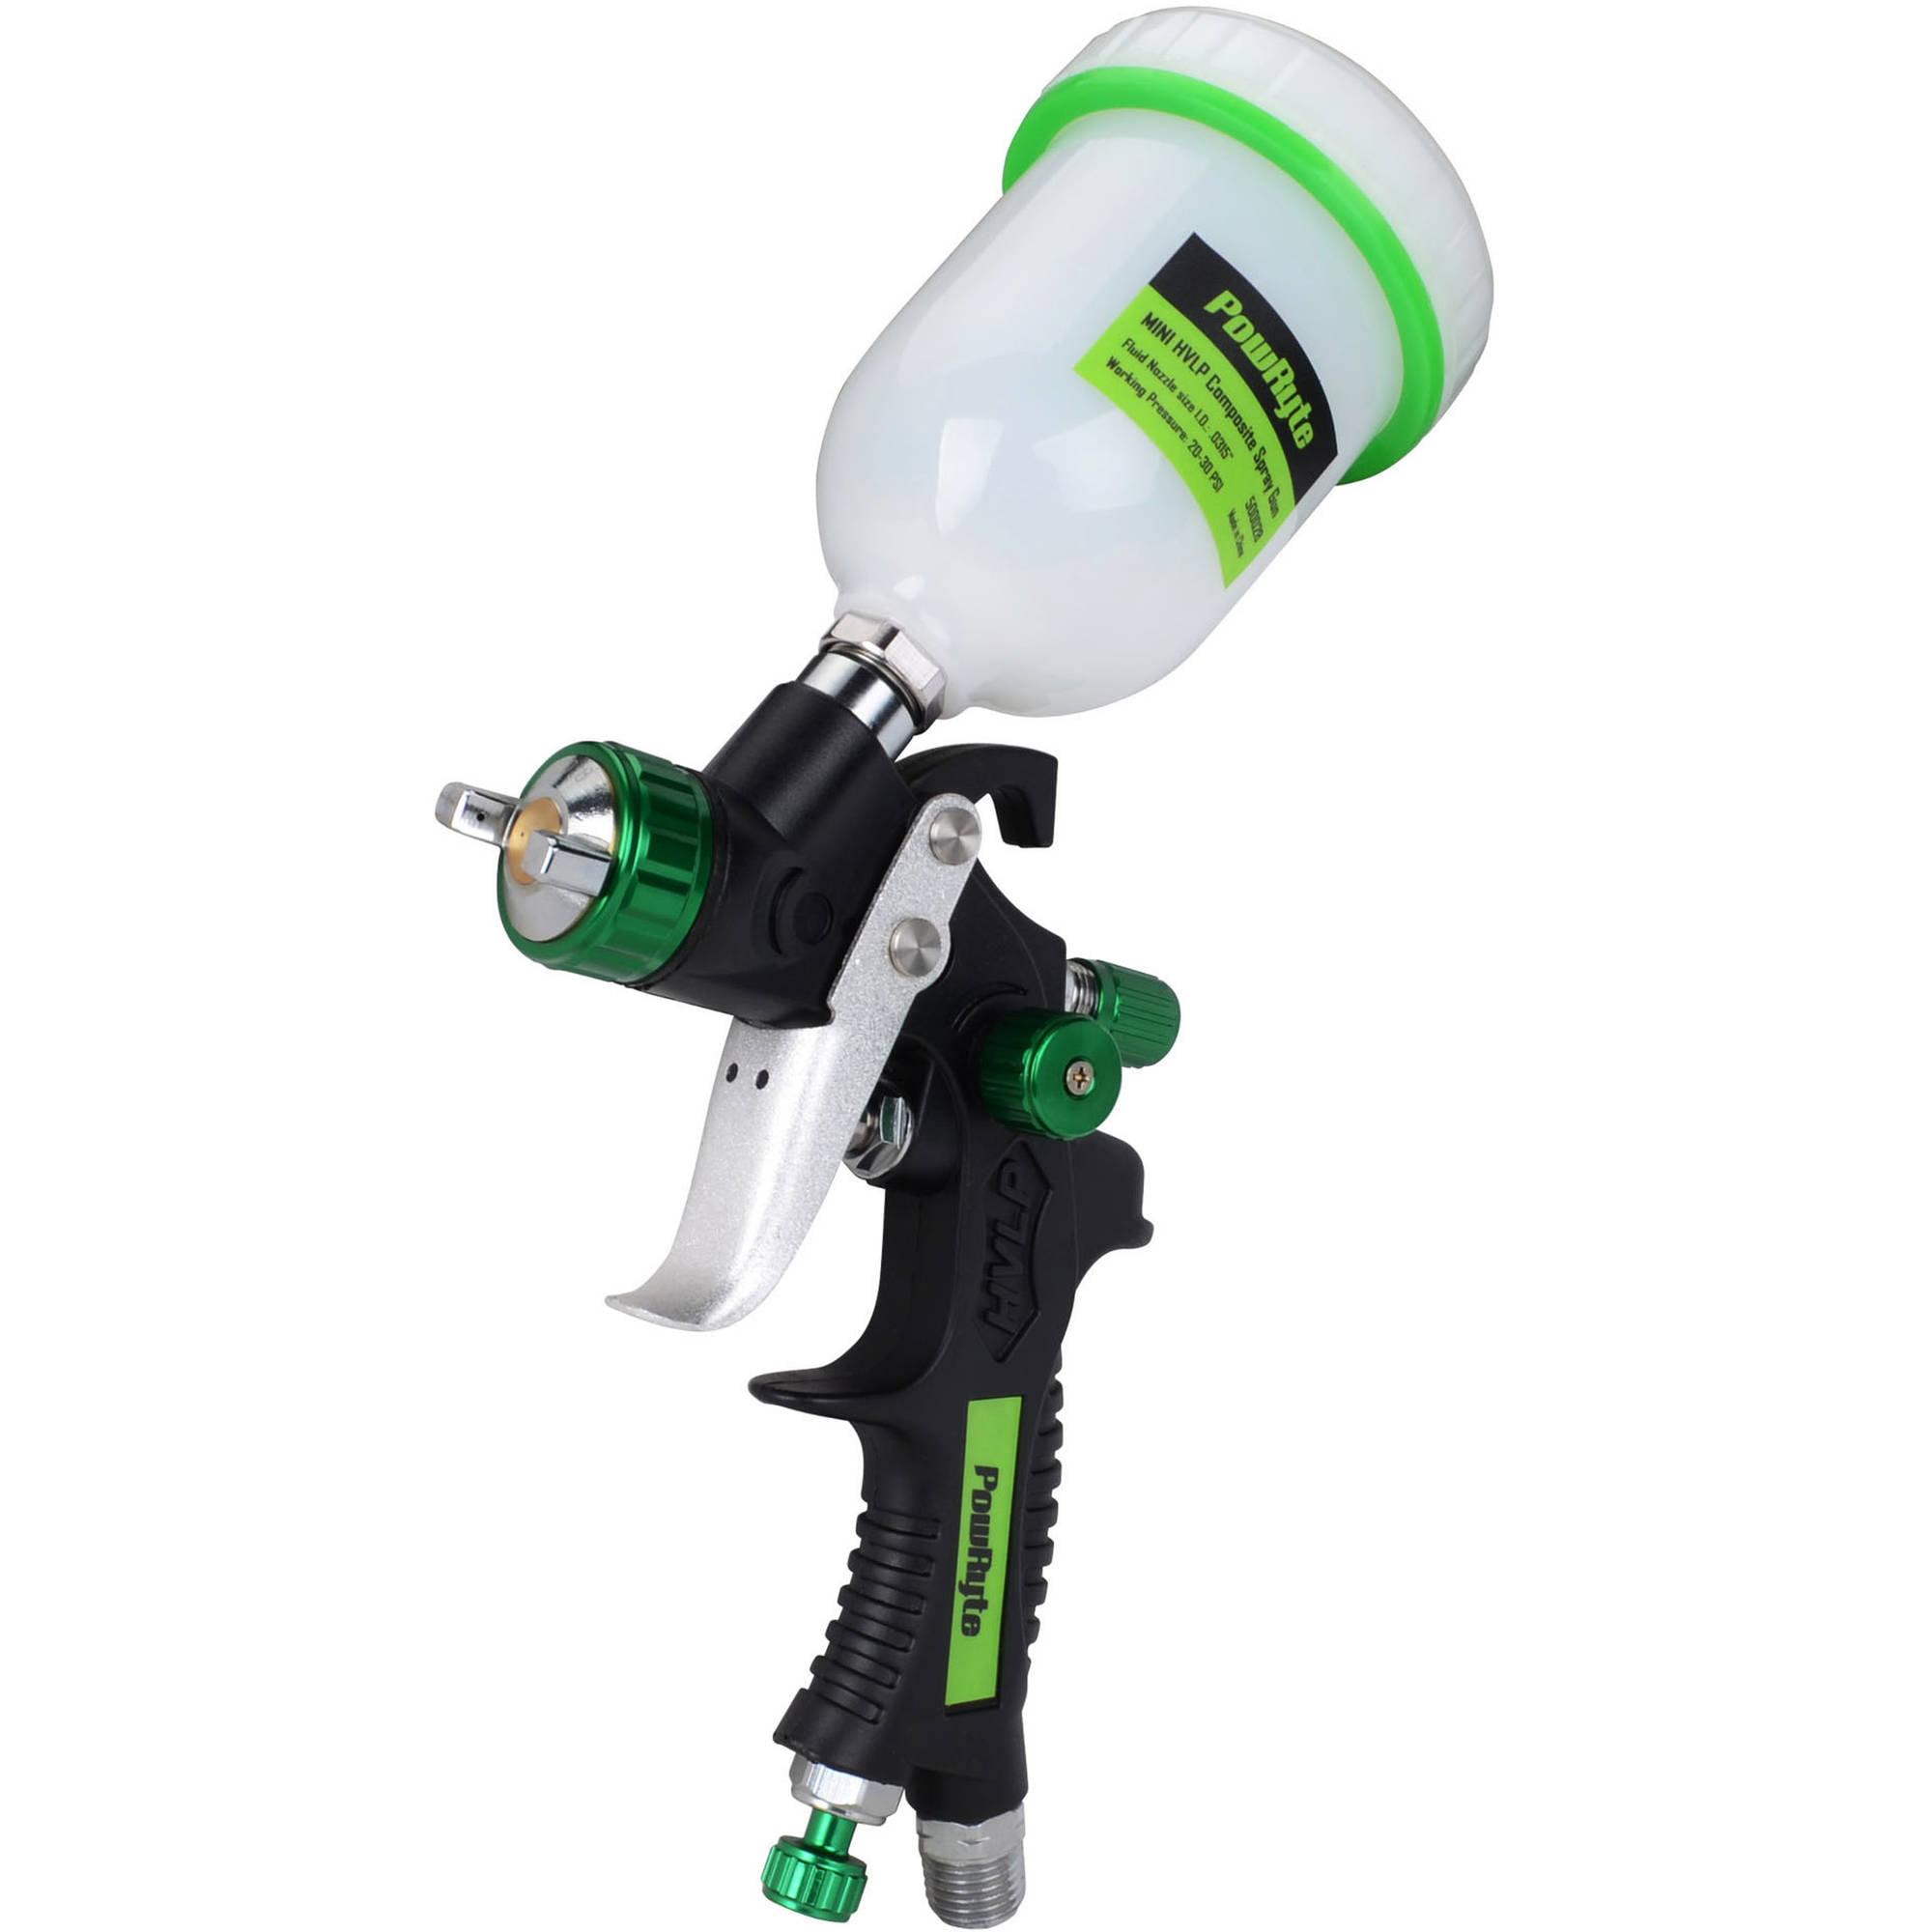 PowRyte 500028 Elite 4.2 Oz Composite Mini HVLP Gravity Feed Air Spray Gun, 0.8mm Nozzle